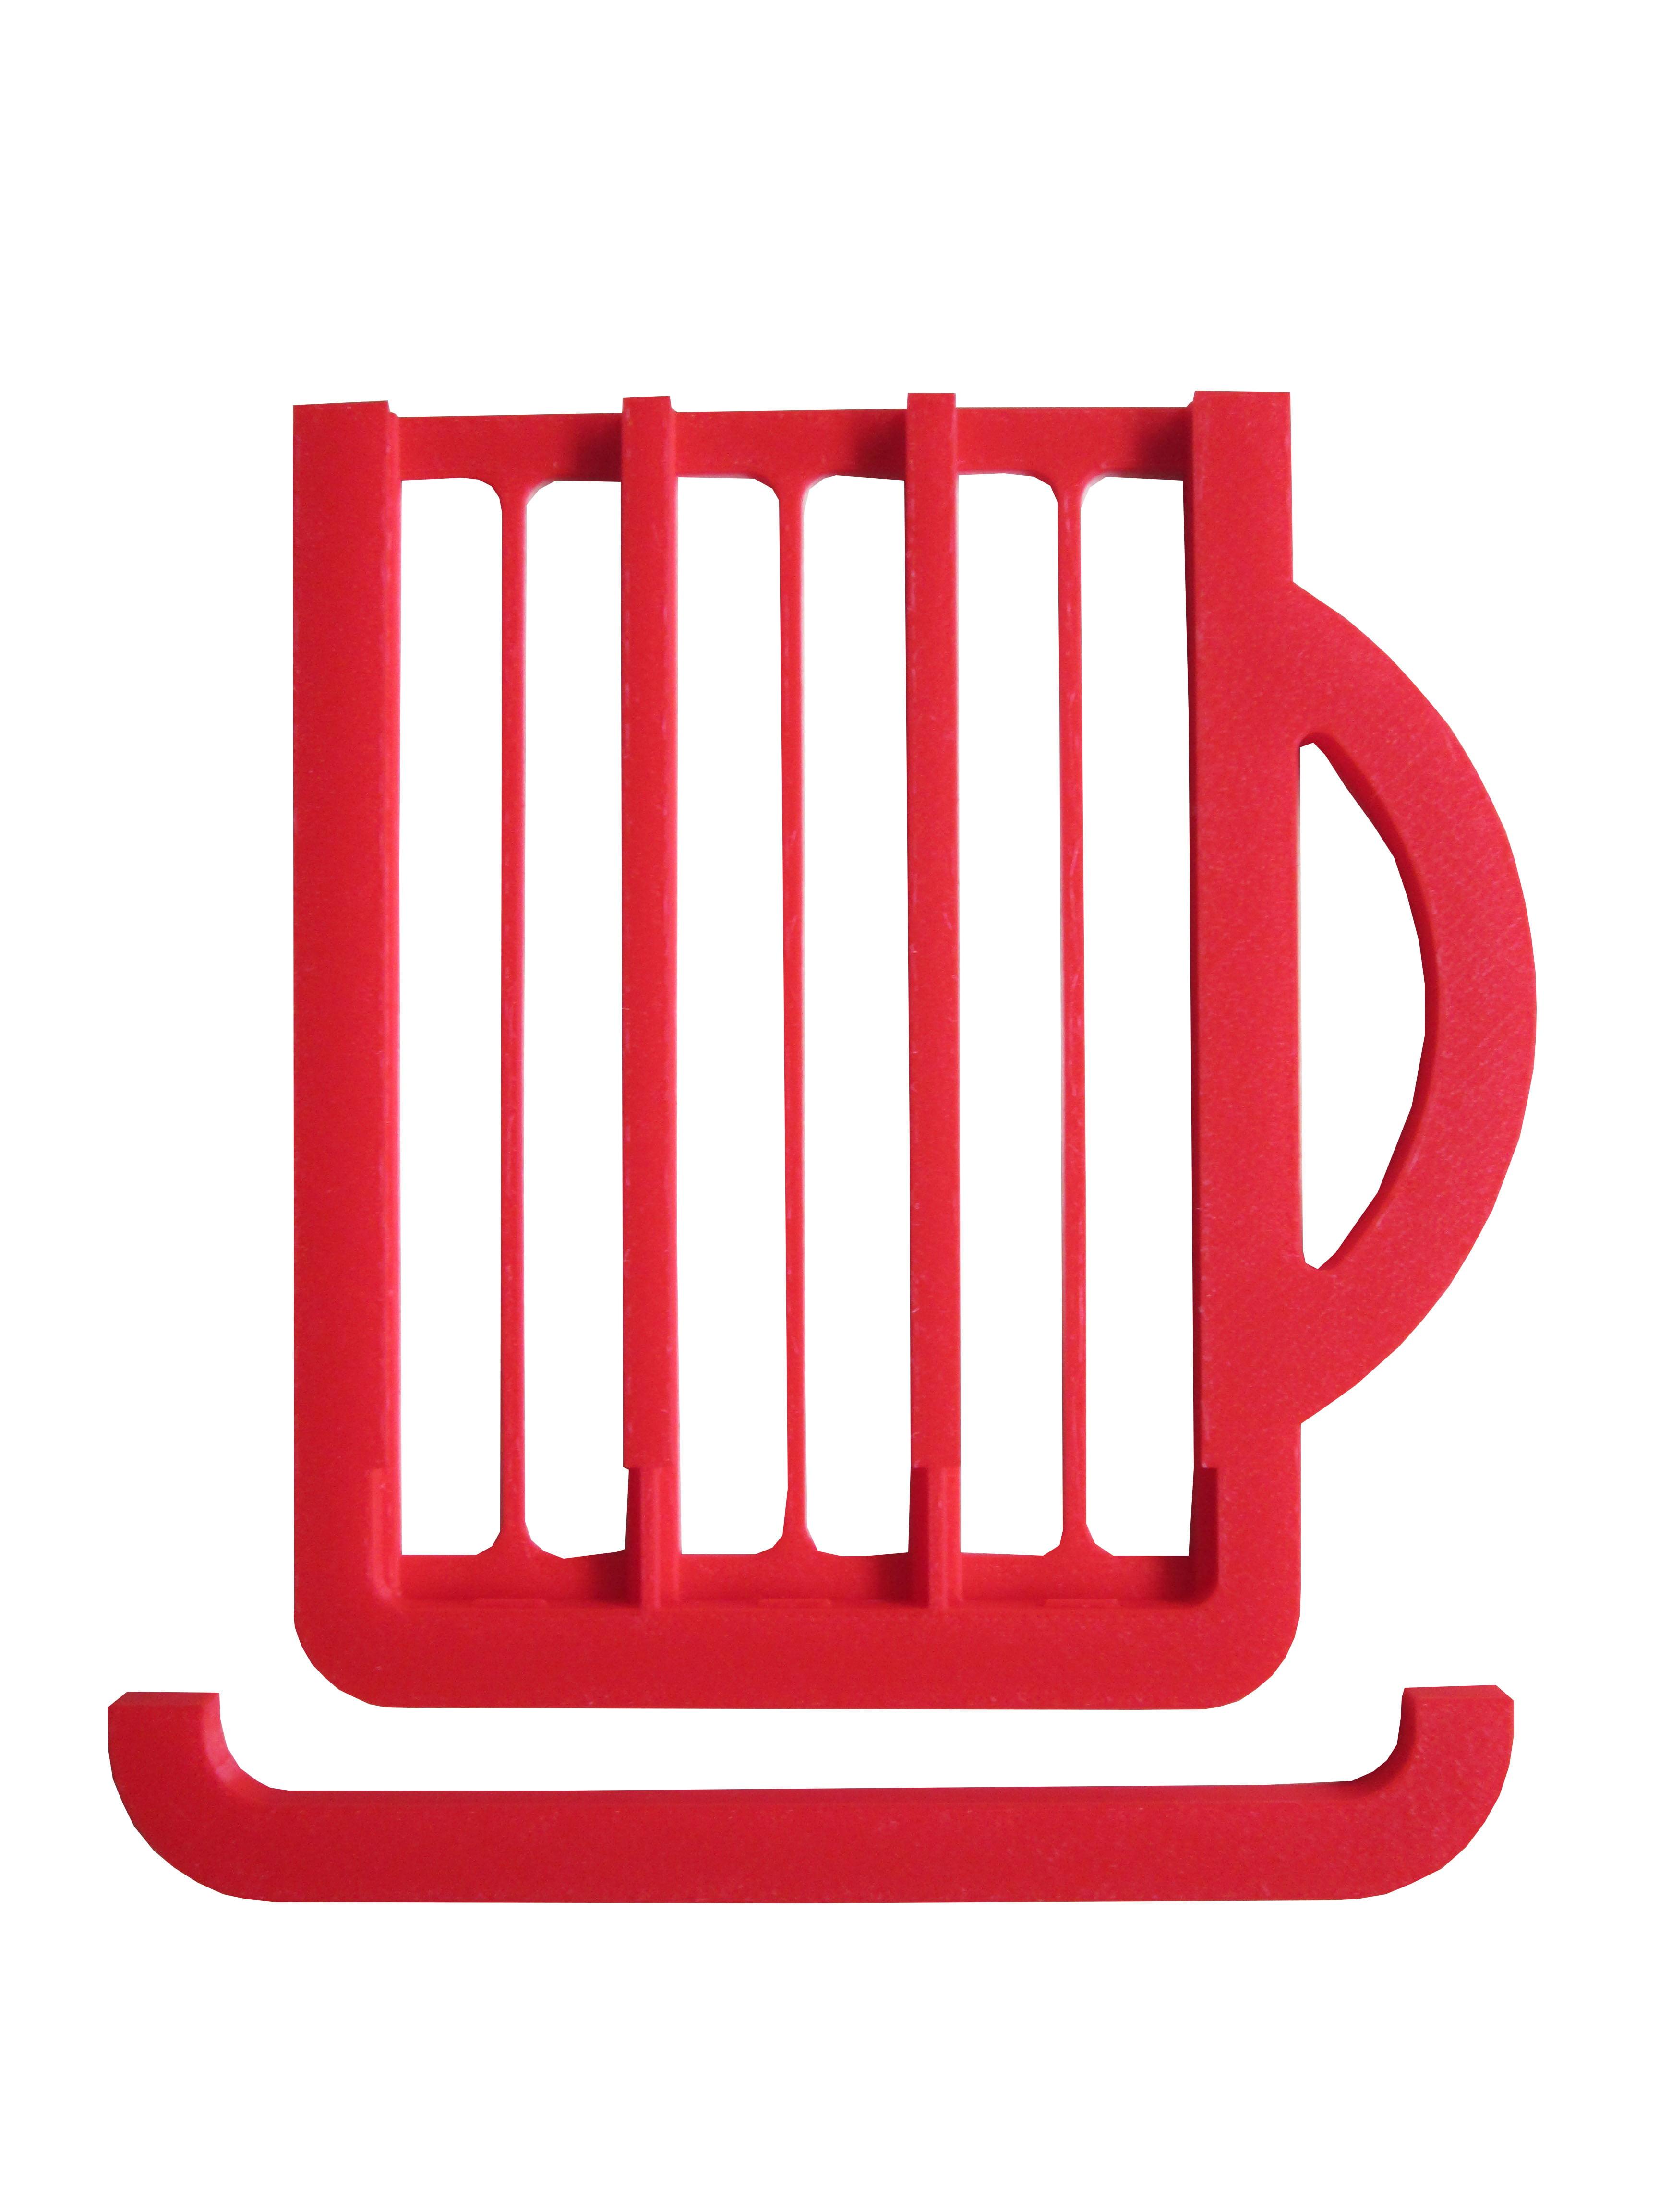 Porta Cápsulas Nespresso modelo Xícara